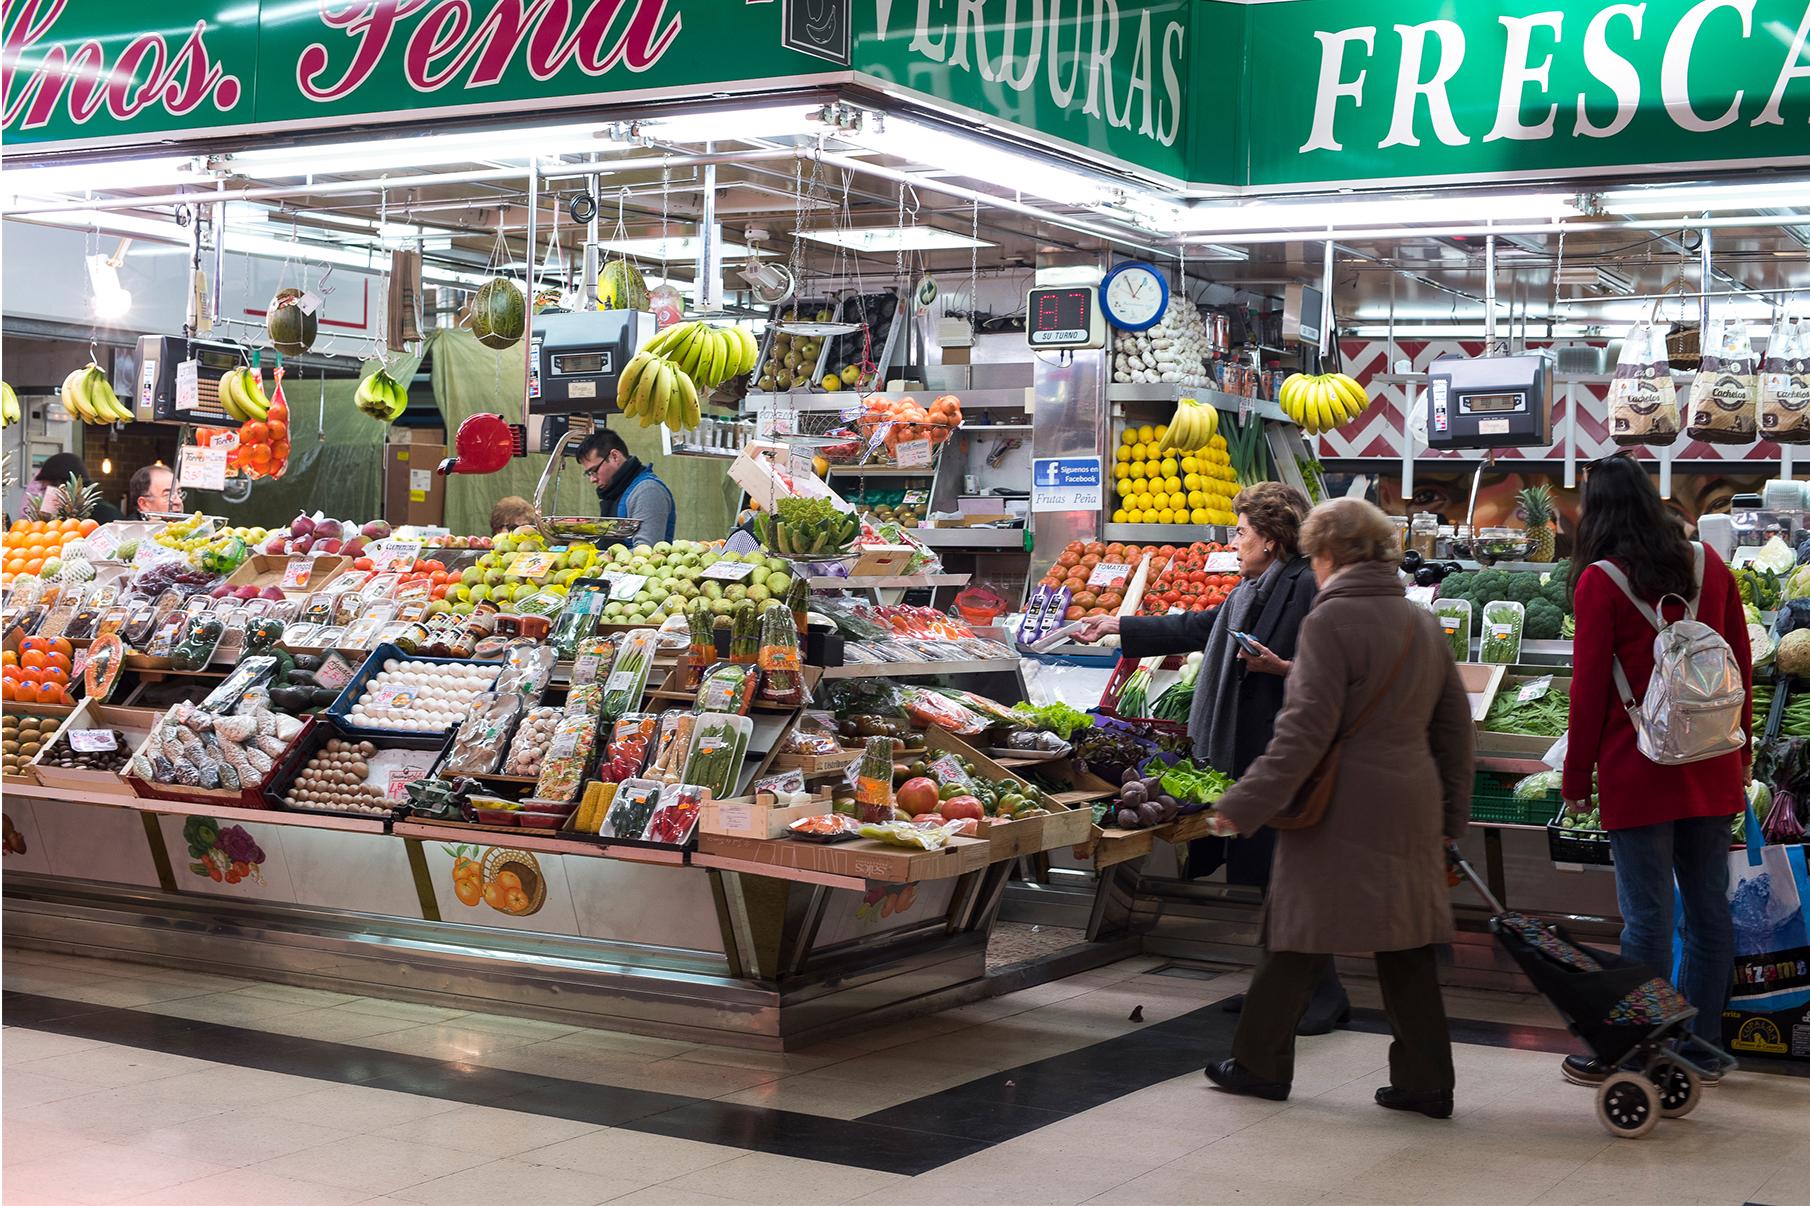 Mercado-vallehermoso-espinosa-32